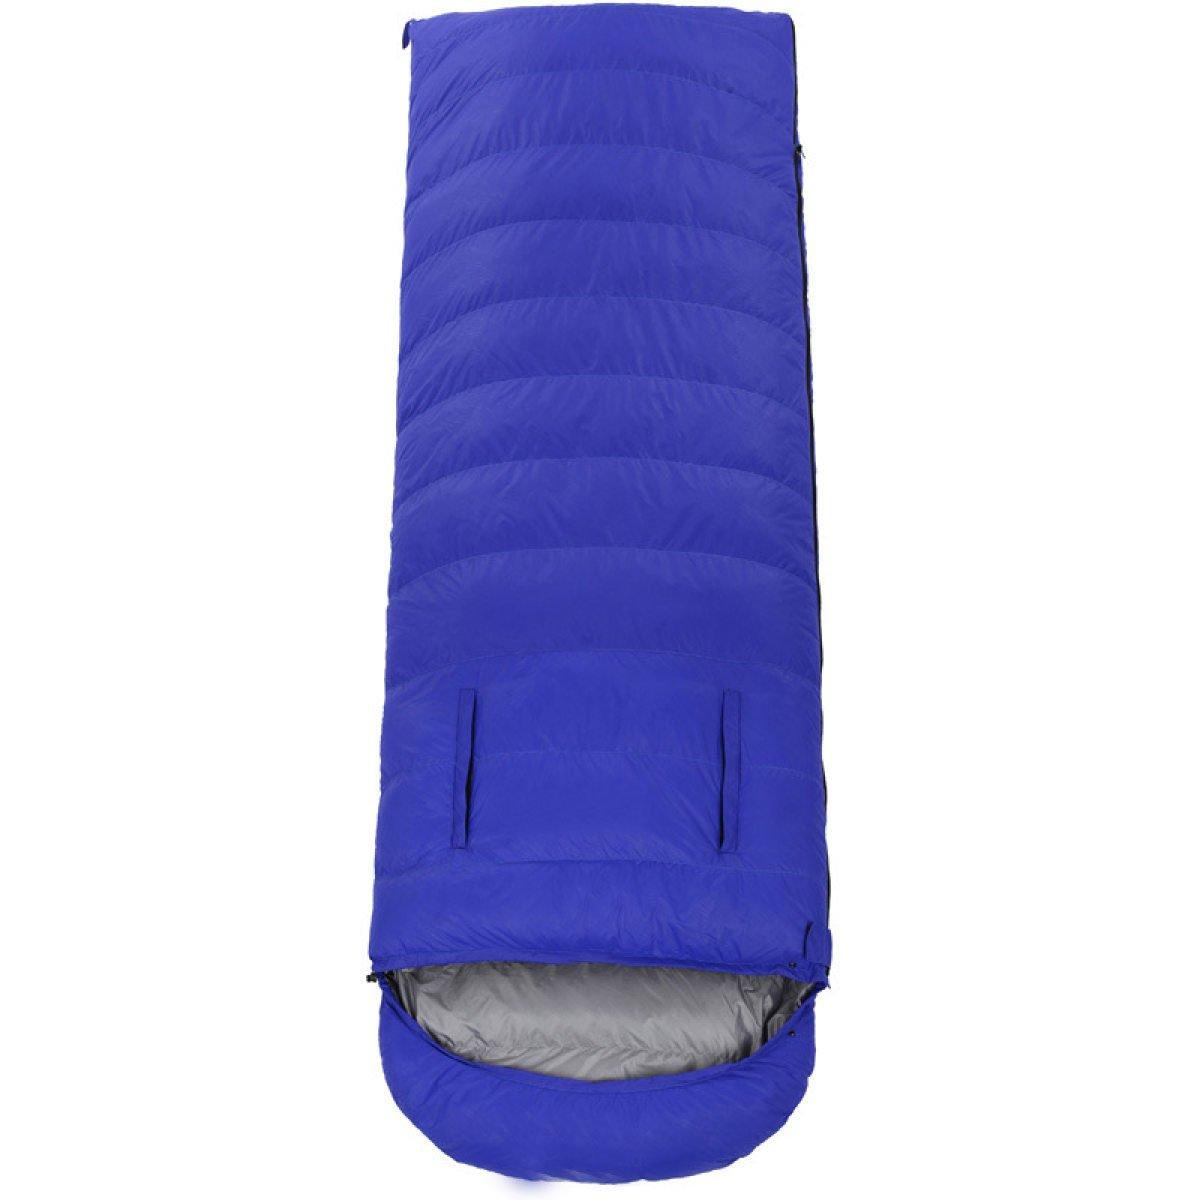 Addora Tragbar Kompressionsbeutel Die Hand Aus Schlafsäcken Umweltfreundlich Blau